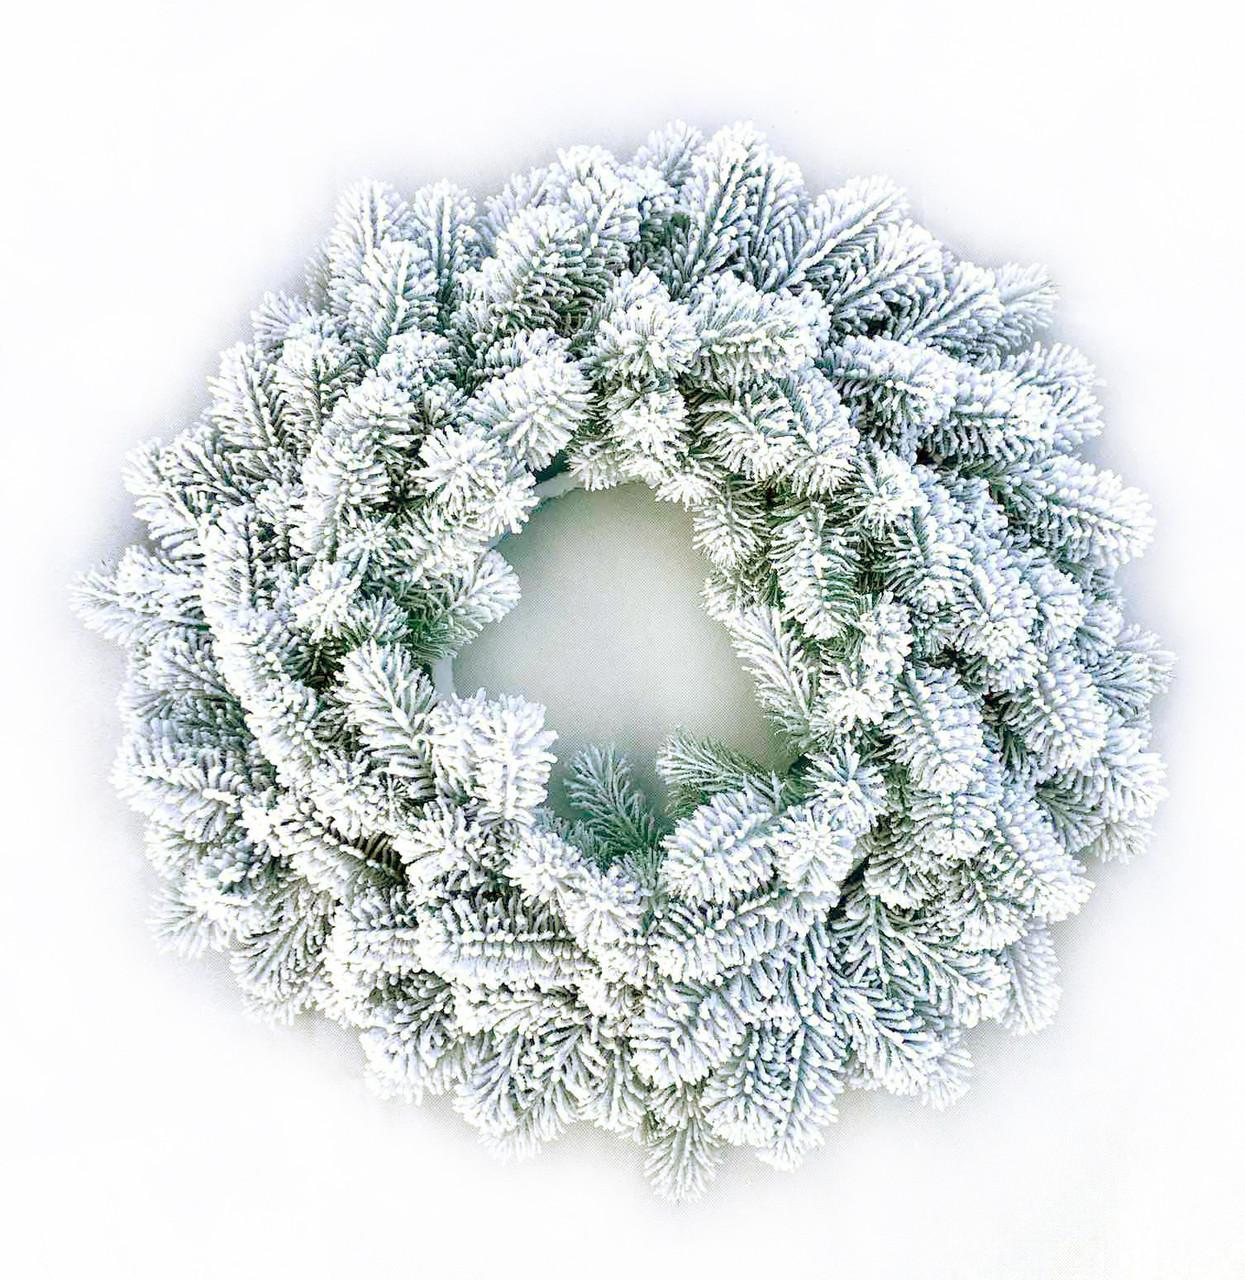 Венок новогодний рождественский из искусственной литой хвои от производителя (заснеженный, Ø 45 см)